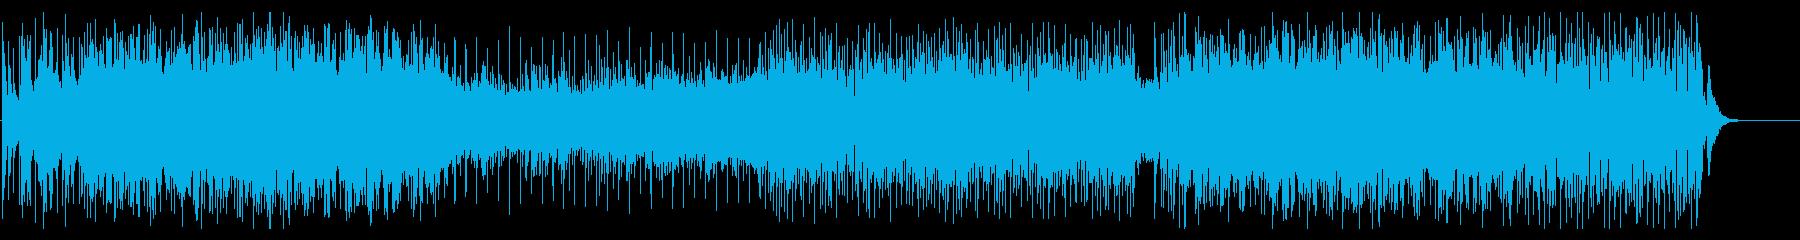 メロディアスなエモ系ロックの再生済みの波形